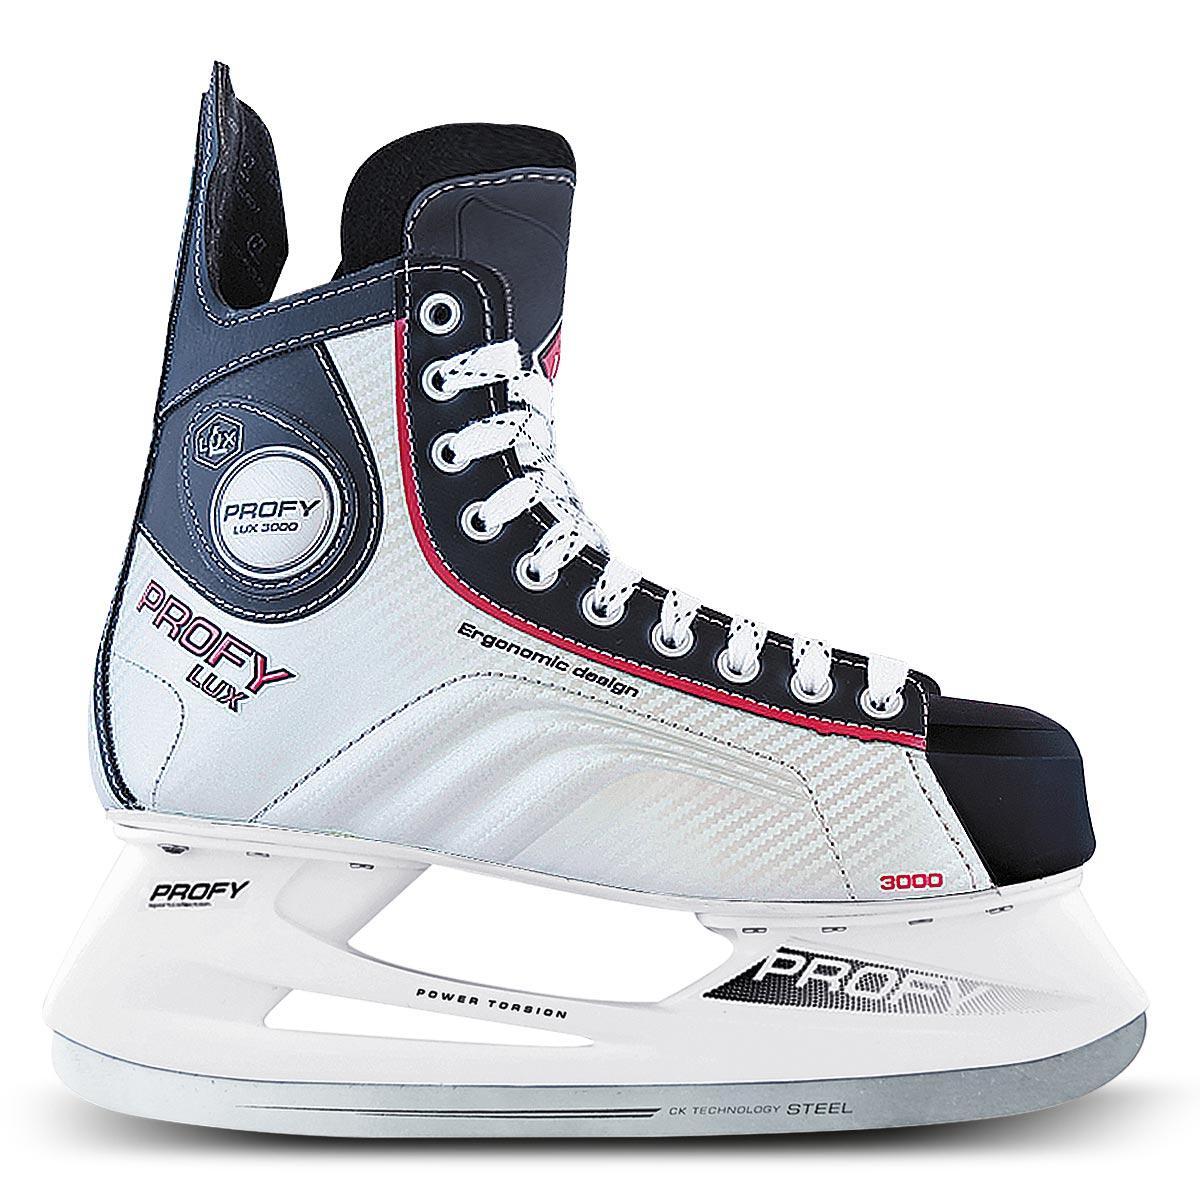 CK Коньки хоккейные для мальчика Profy Lux 3000 Red